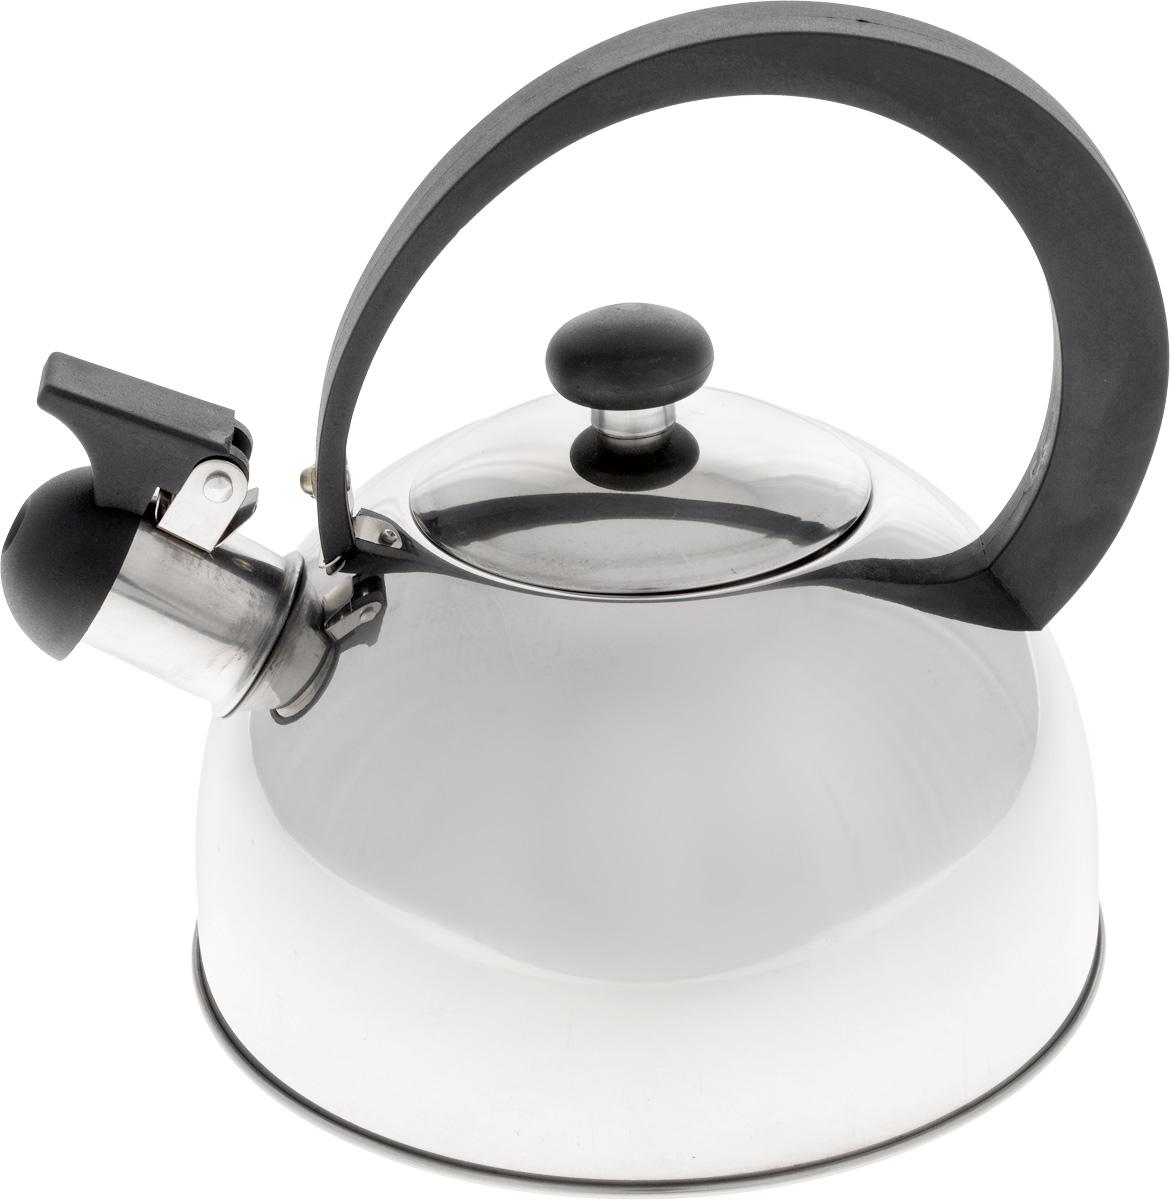 Чайник Добрыня, со свистком, 2 л. DO-2909DO-2909Чайник со свистком Добрыня изготовлен из высококачественной нержавеющей стали, что обеспечивает долговечность использования. Носик чайника оснащен откидным свистком, звуковой сигнал которого подскажет, когда закипит вода. Ручка, изготовленная из бакелита, не нагревается и сможет уберечь ваши руки от контакта с высокими температурами. Чайник Добрыня - качественное исполнение и стильное решение для вашей кухни. Подходит для использования на всех типах плит, кроме индукционных. Можно мыть в посудомоечной машине. Высота чайника (с учетом ручки и крышки): 19 см. Диаметр чайника (по верхнему краю): 8,5 см. Диаметр основания: 18 см. Высота стенки: 10 см.